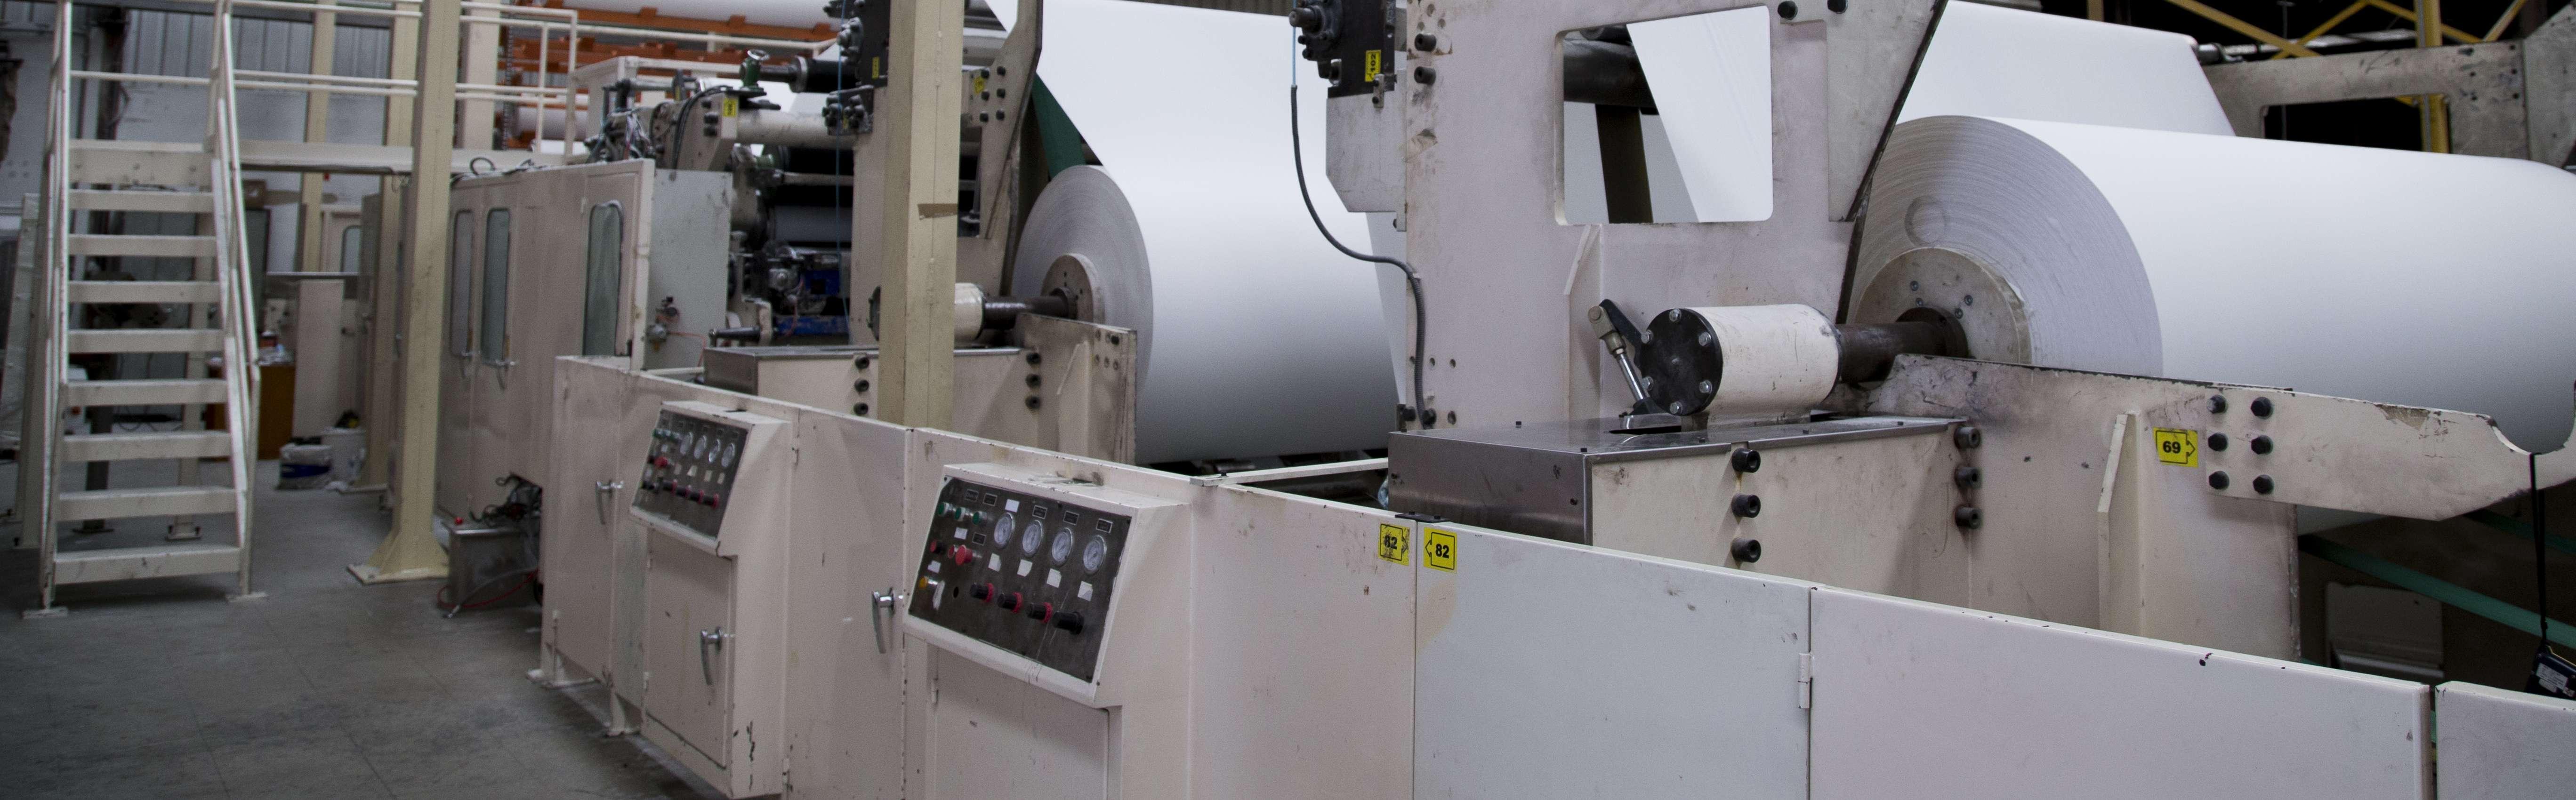 Fabrica de toallas de papel maquinaria